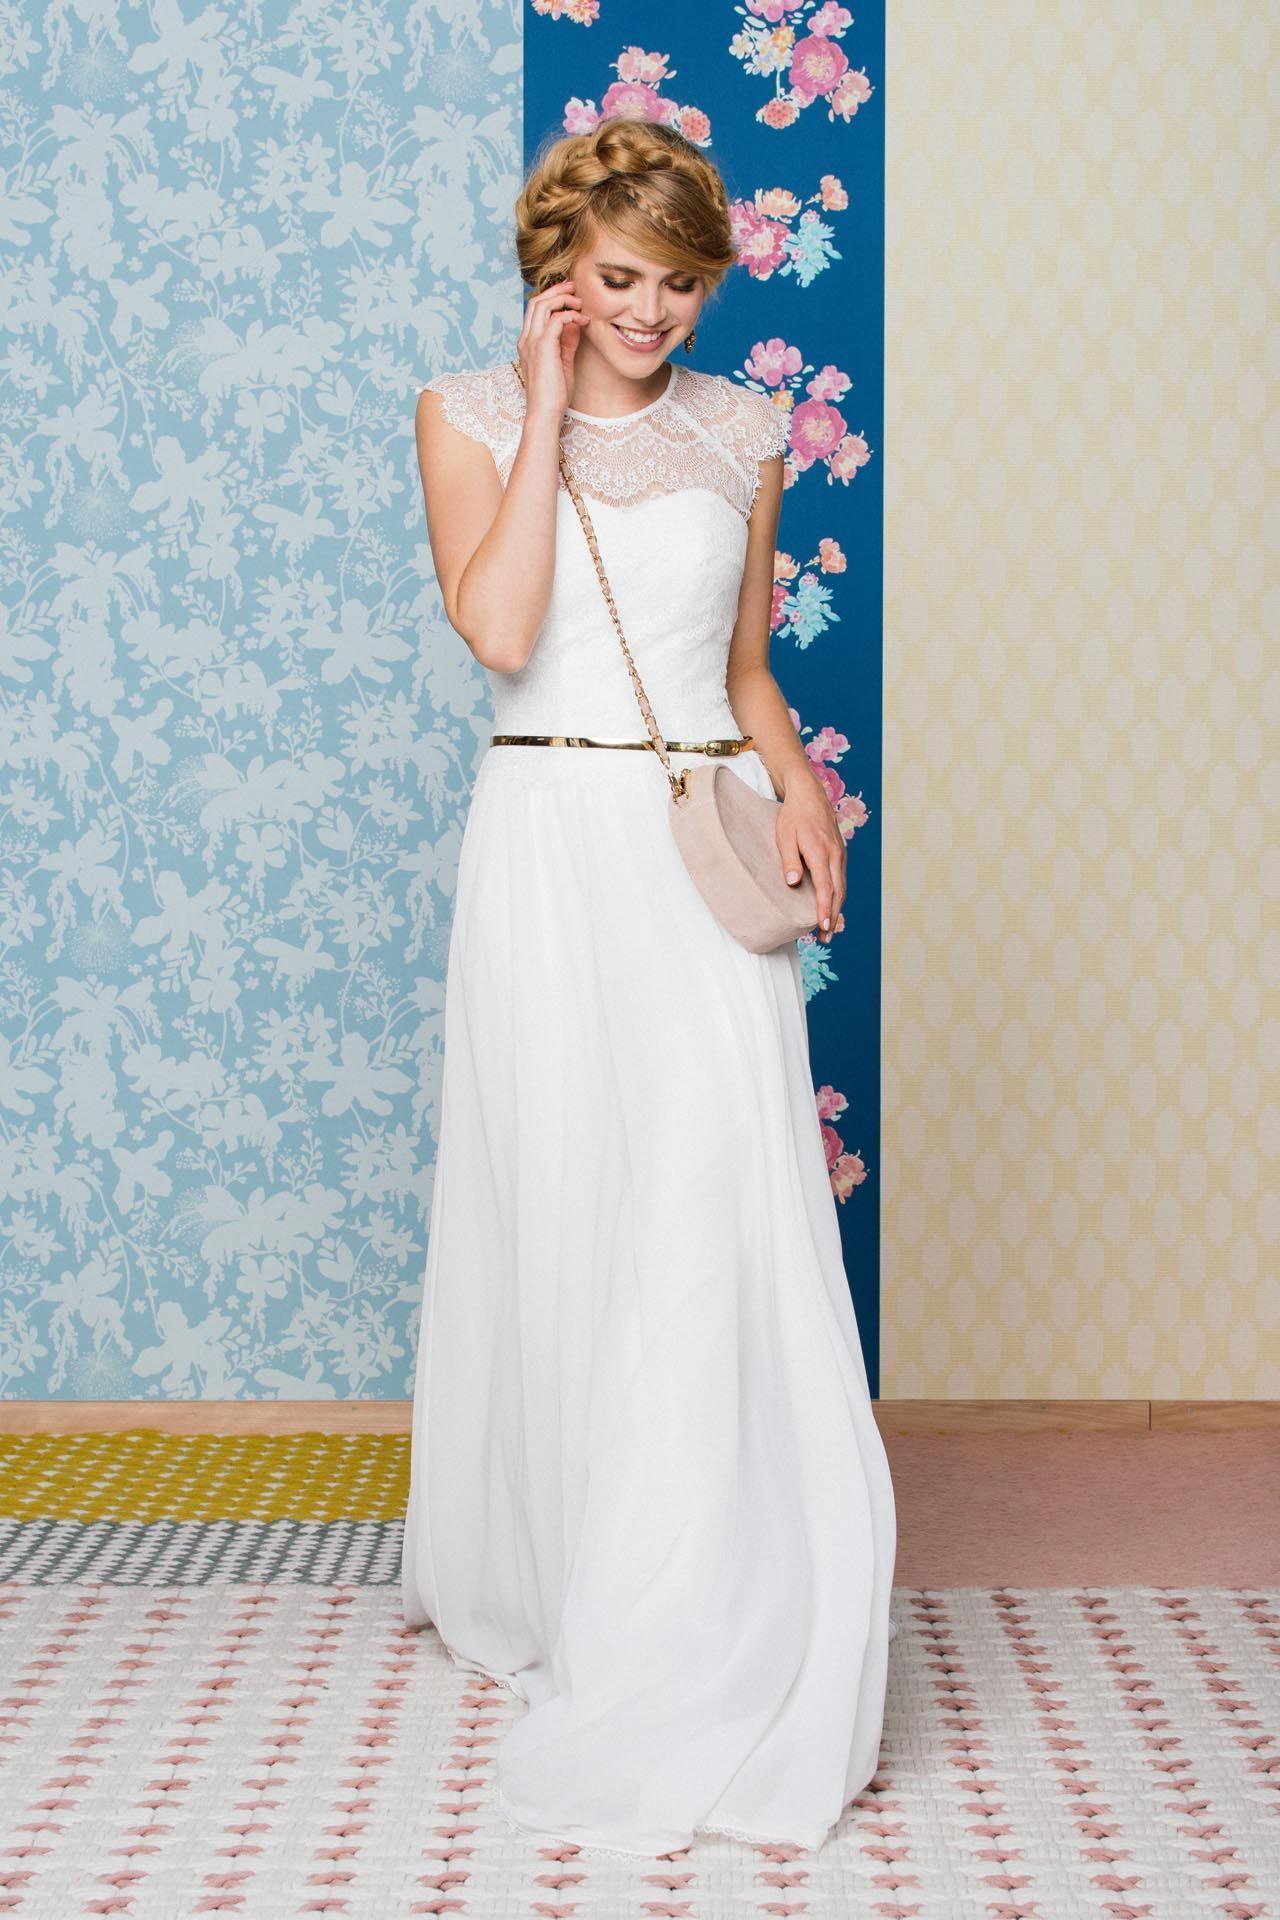 Brautkleid lang #brautkleid #braut #hochzeitskleid #spitze #weiß